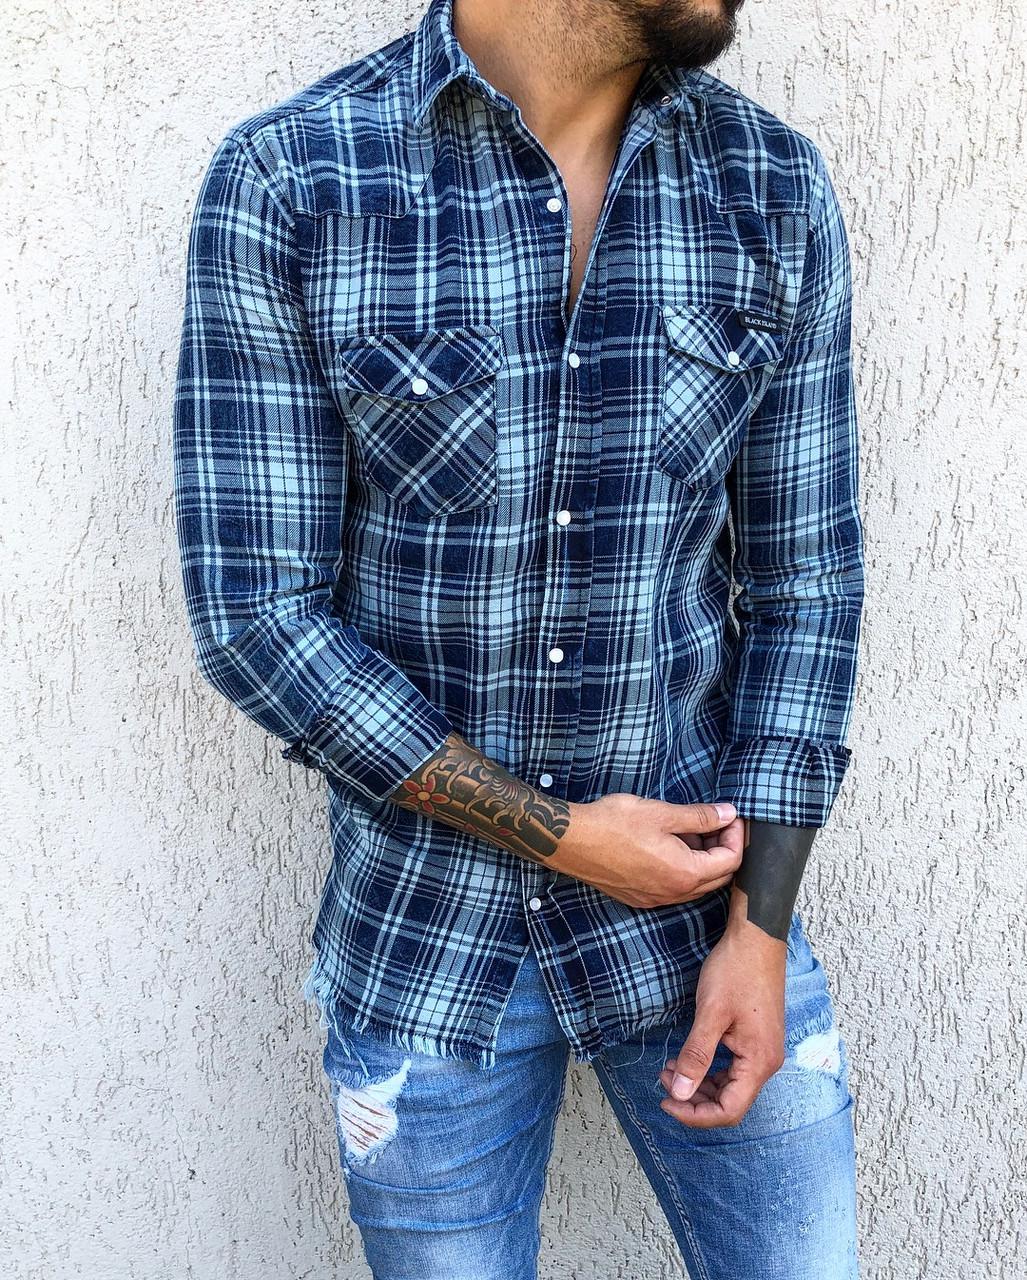 49eea8df2b8 Мужская синяя рубашка в клетку  продажа